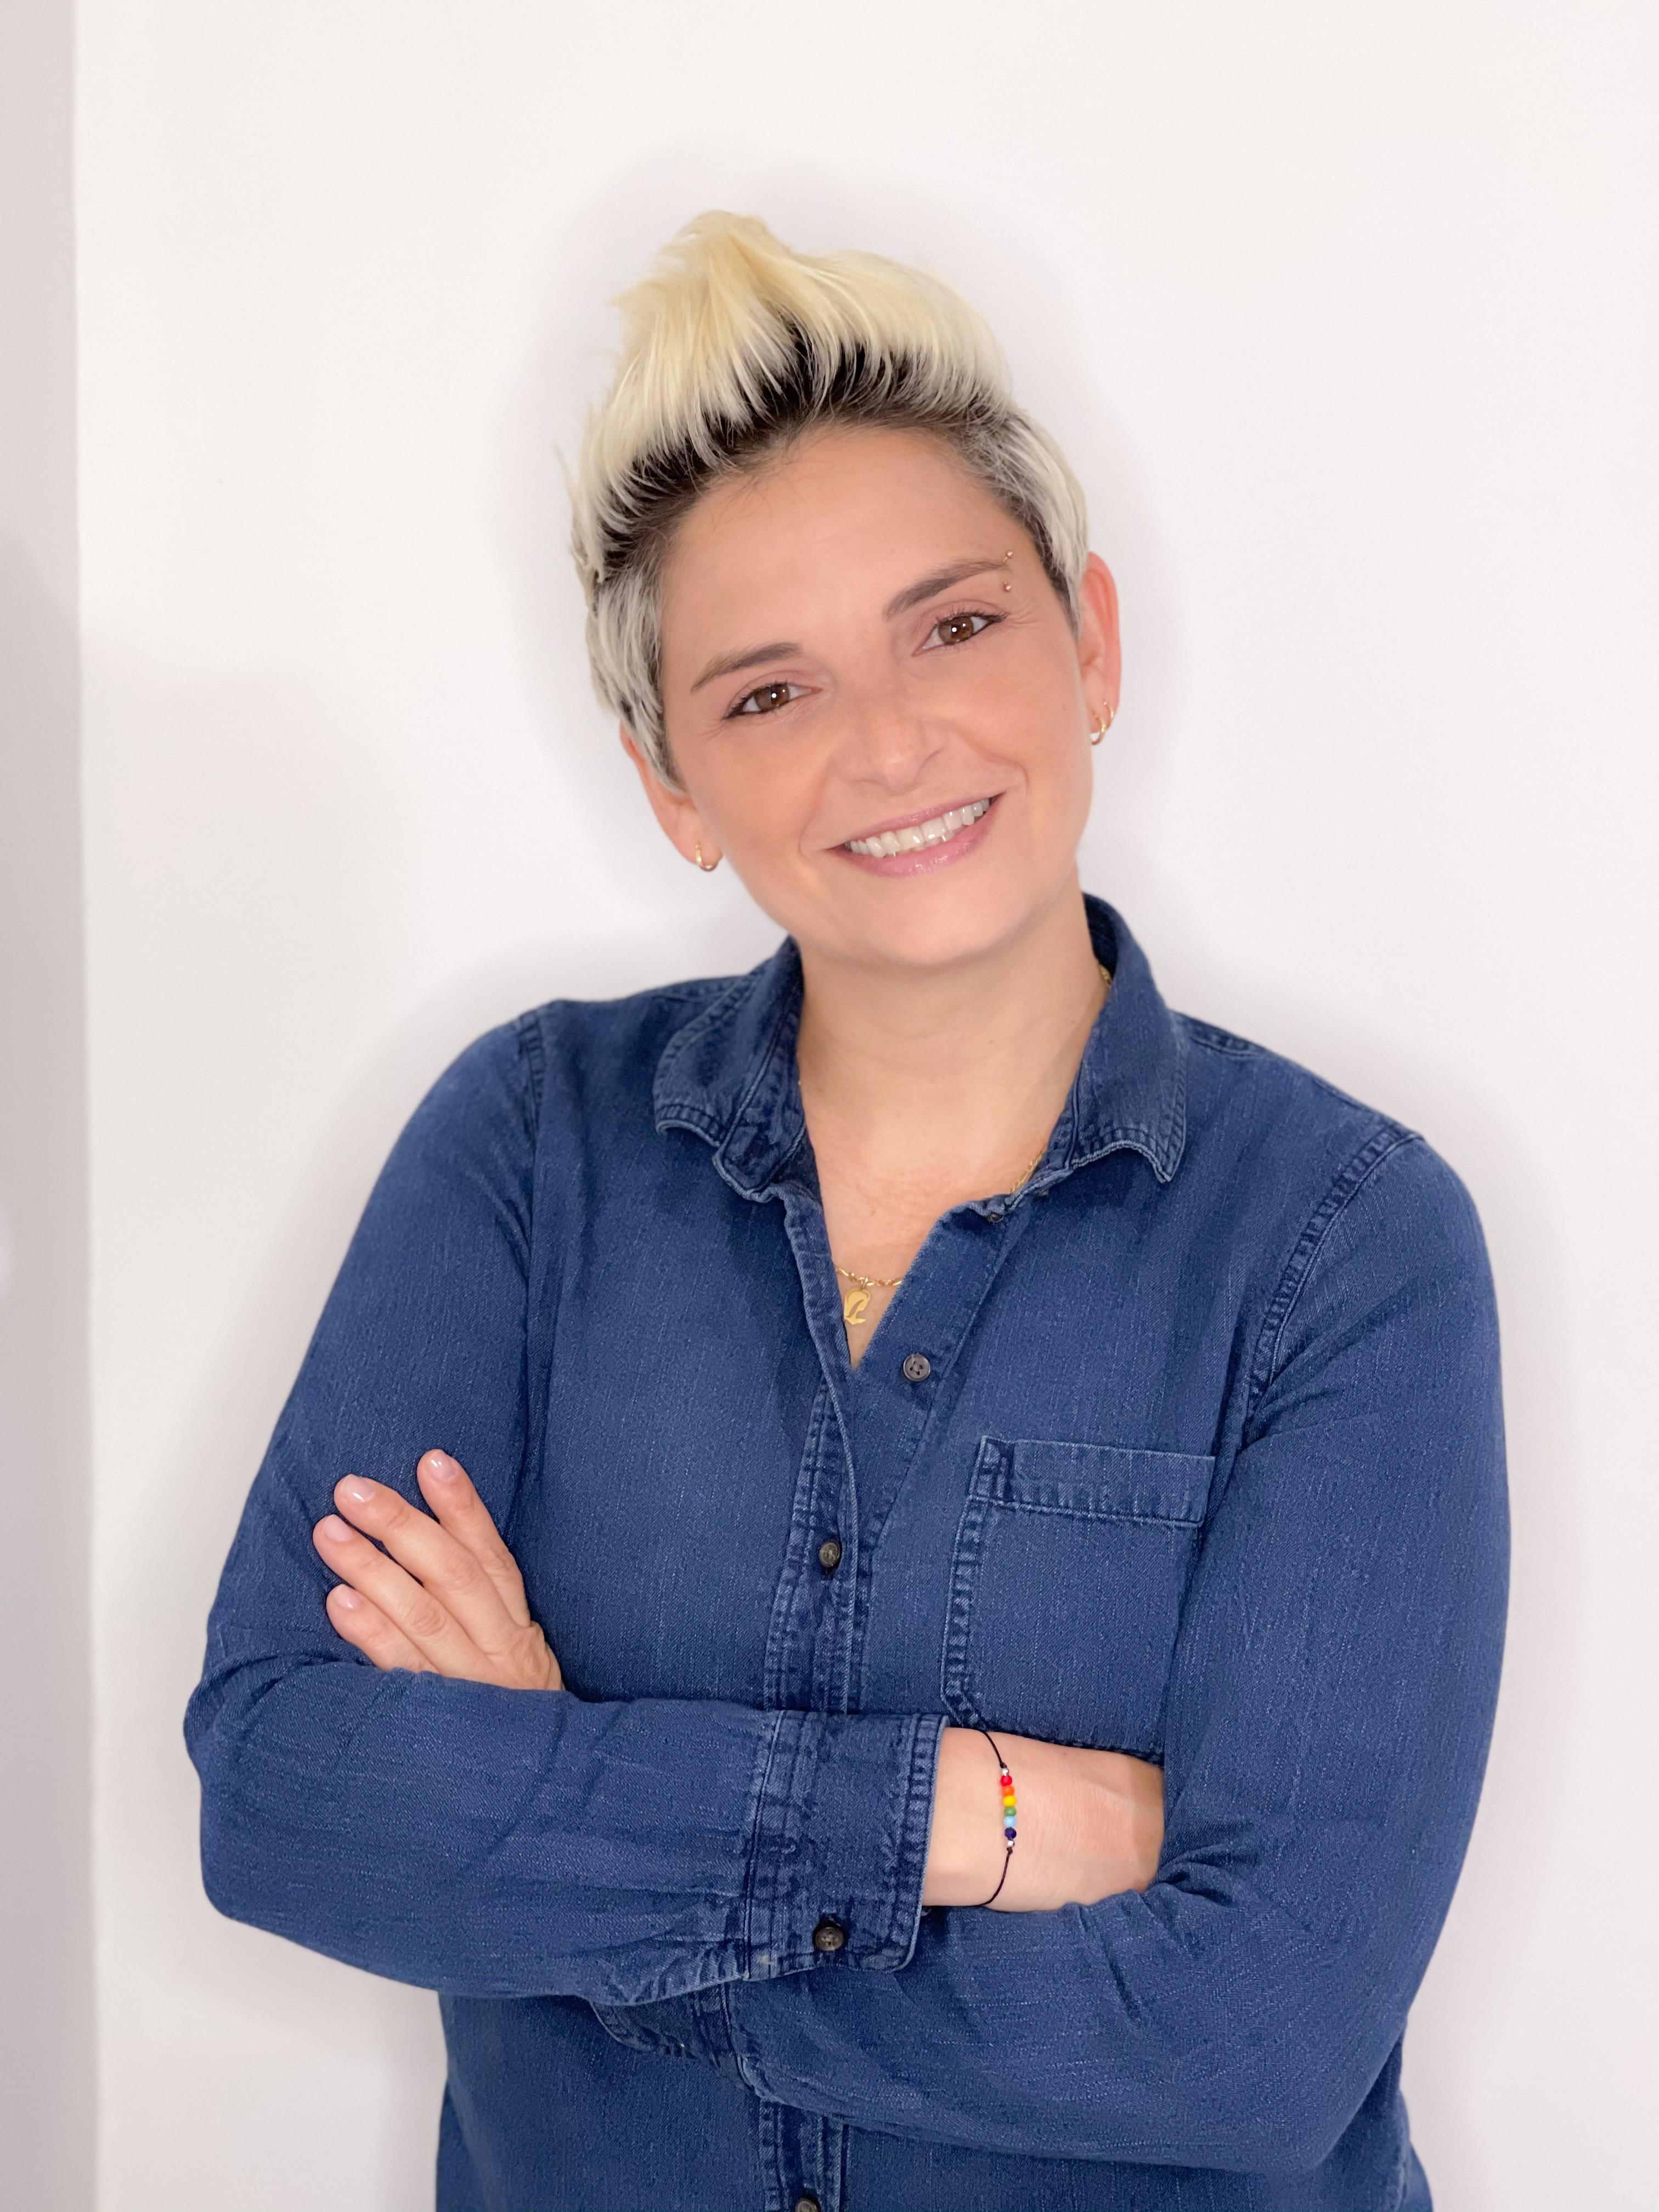 La periodista Camila Chain se incorpora al equipo de Kallejiando desde este martes 12 de enero